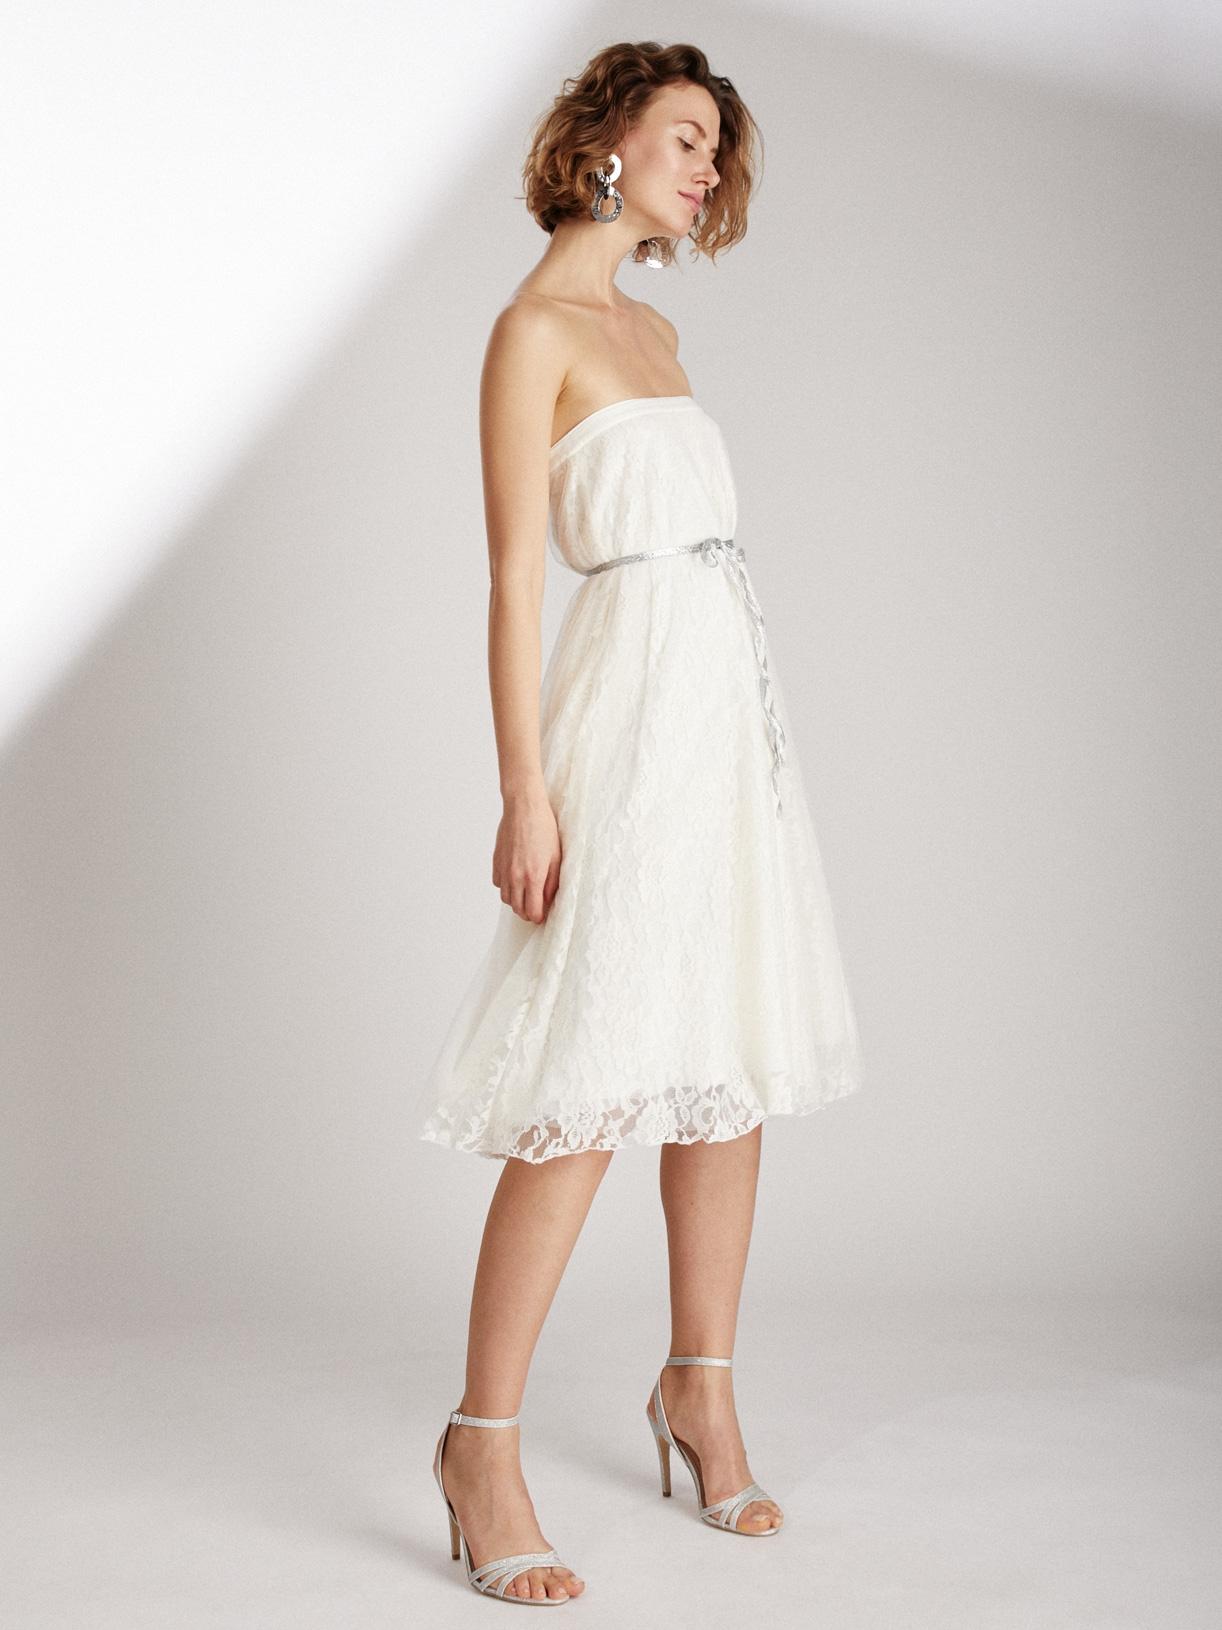 Robe de mariée bustier en dentelle écoresponsable - Creatrice de robe de mariée éthique et bio a Paris - Myphilosophy